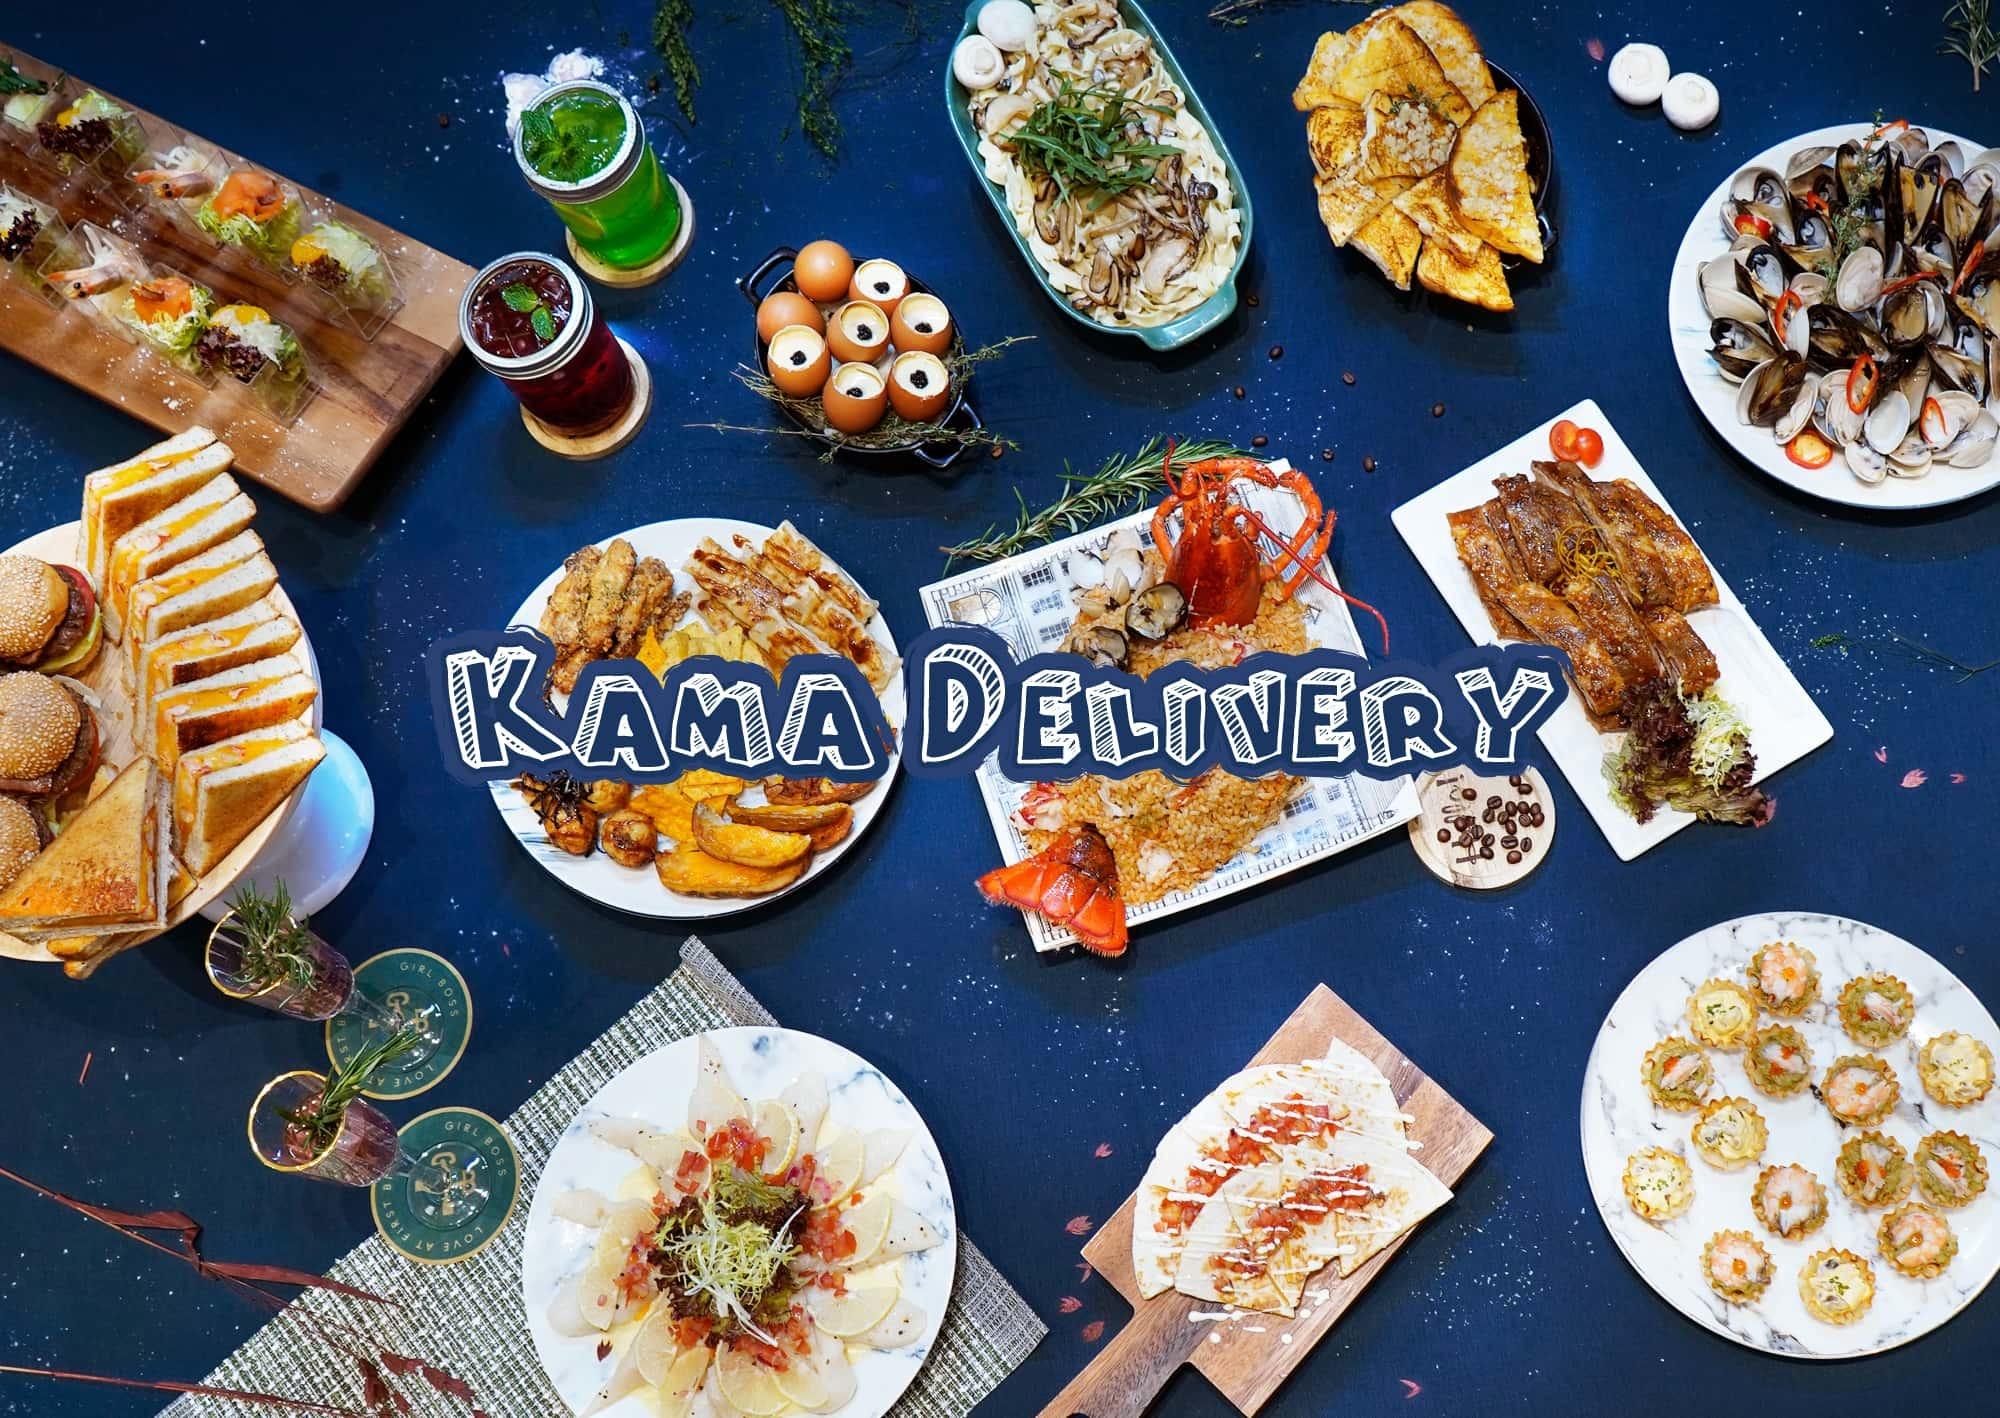 33人到會外賣.推介首選|Kama Delivery美食到會外賣服務提供環球菜式配上優良食材,炮製沙律、一口小食、西式主菜、海鮮、甜品、自家製飲品等多款主題菜單,每次都新鮮制作,而且嚴格監控食物衛生品質,絕對可以放心食用,並專享各種優惠及回贈!